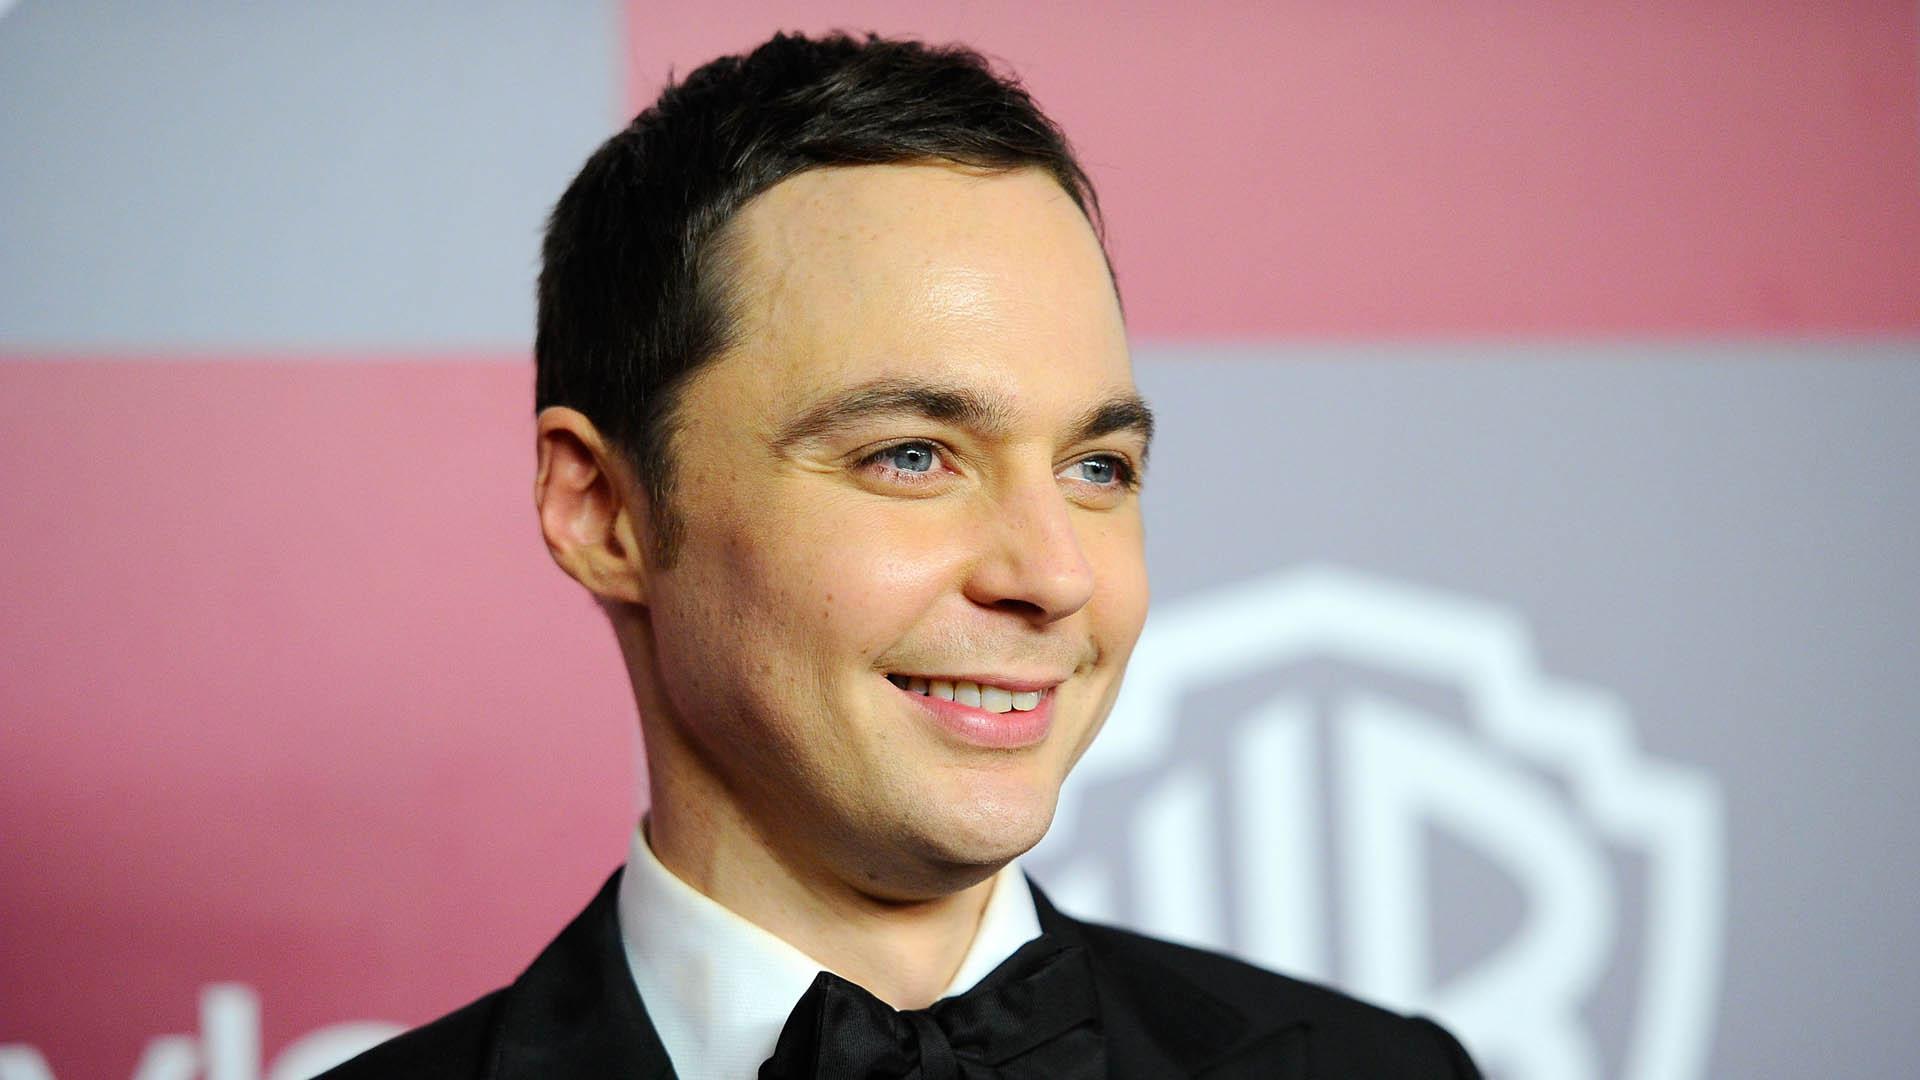 El actor que da vida a Sheldon Cooper en The Big Bang Theory estará detrás de cámara con Lance 2.0